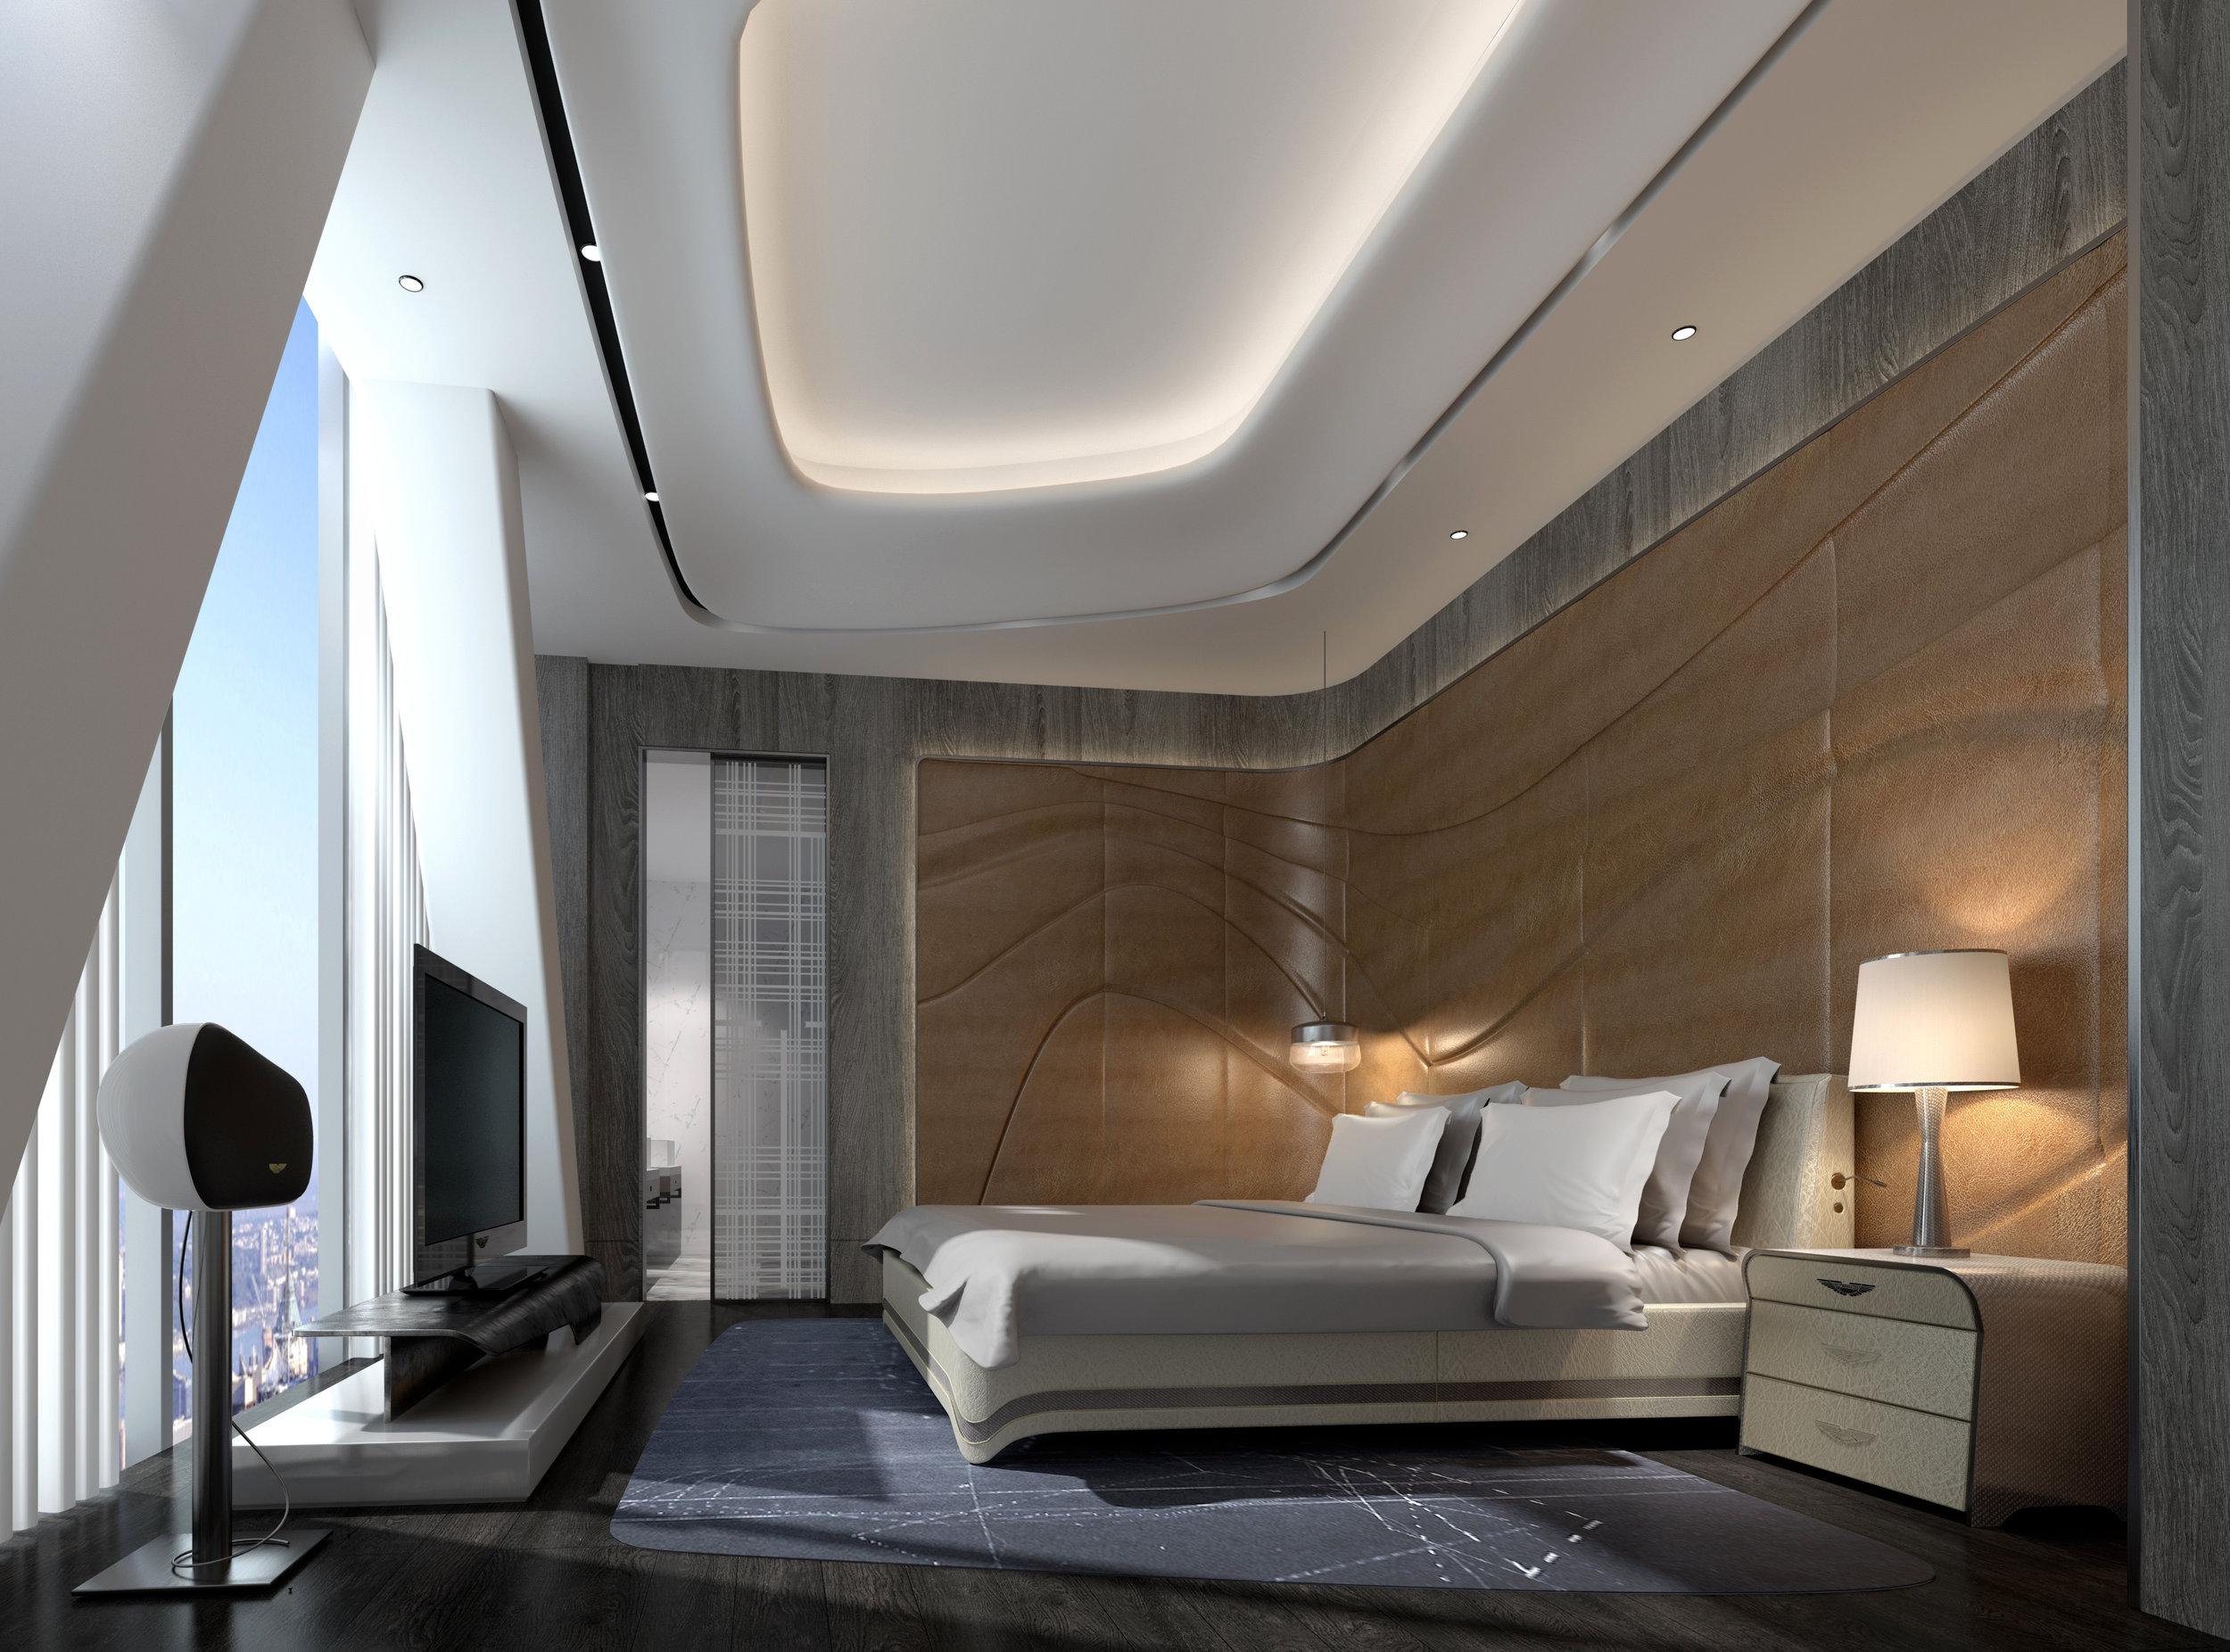 05 Aston Martin Bedroom.jpg